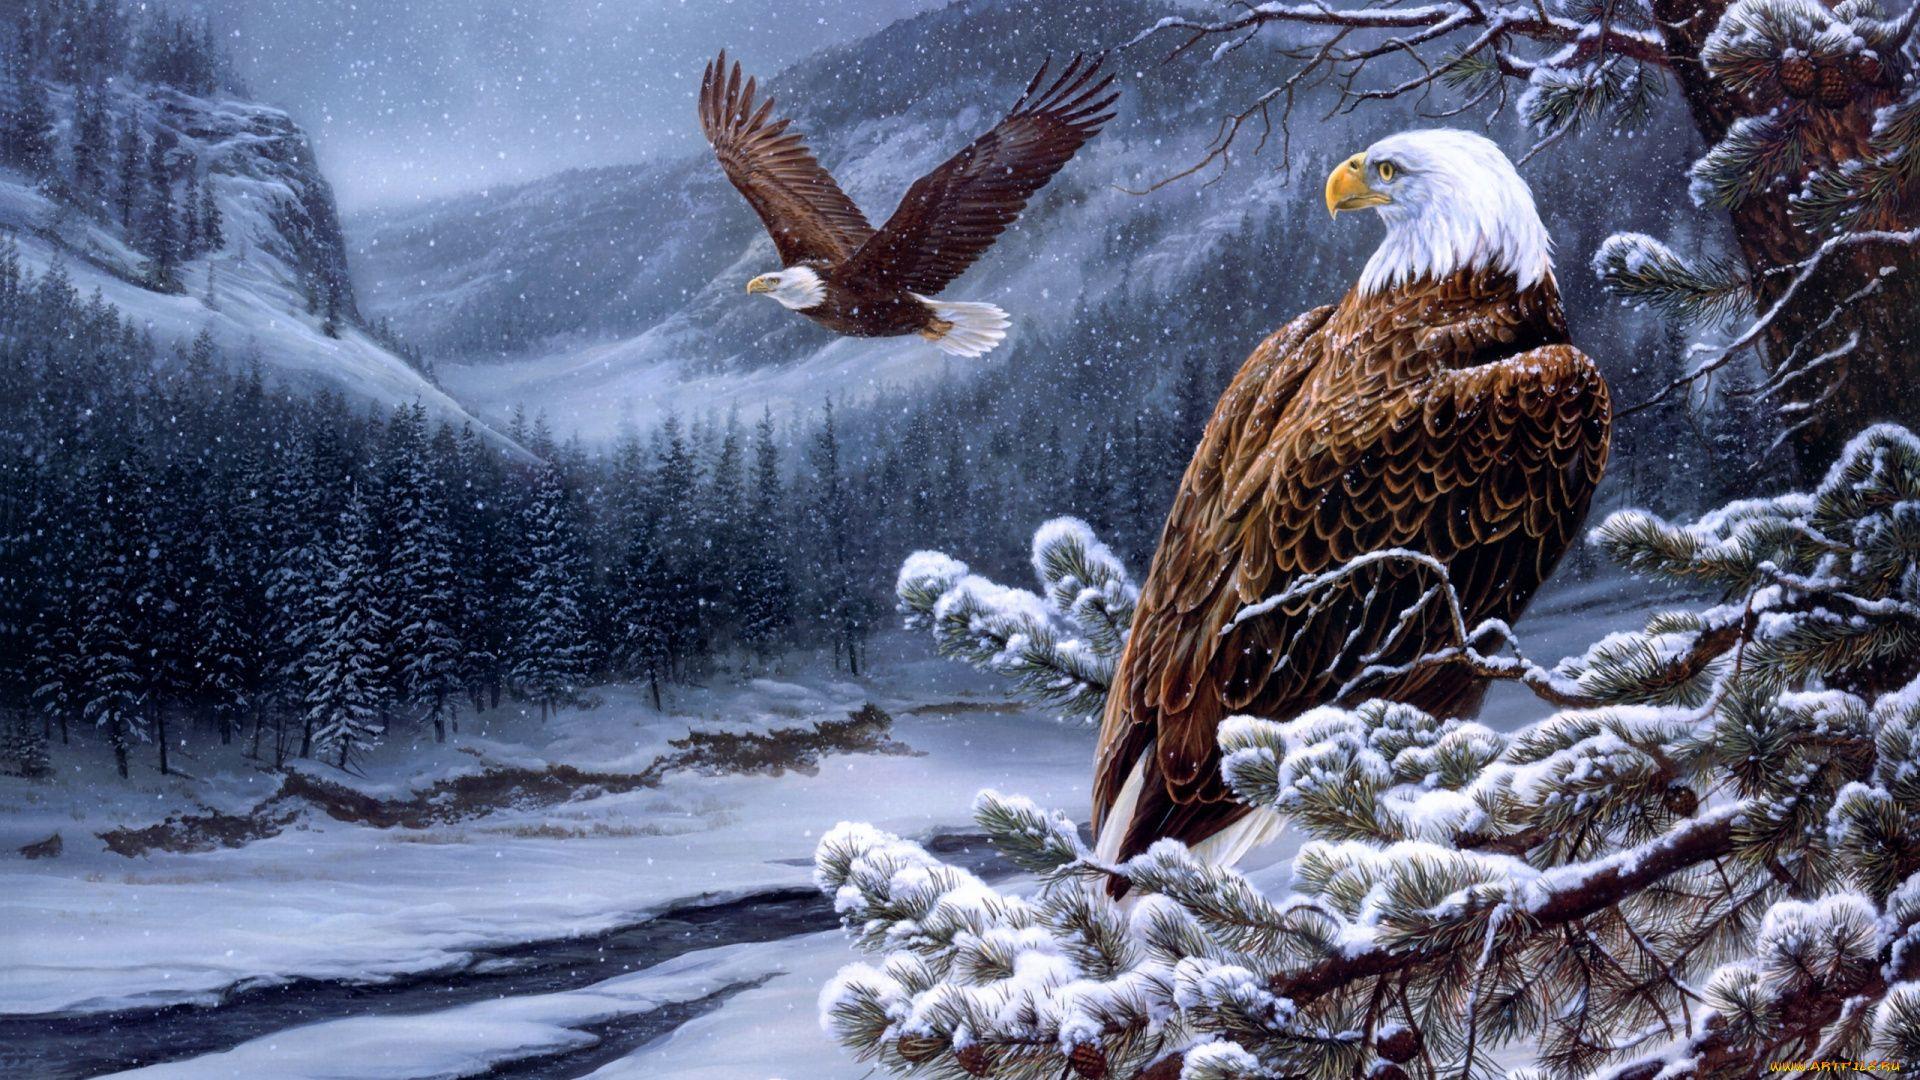 Eagle In Winter Wallpaper